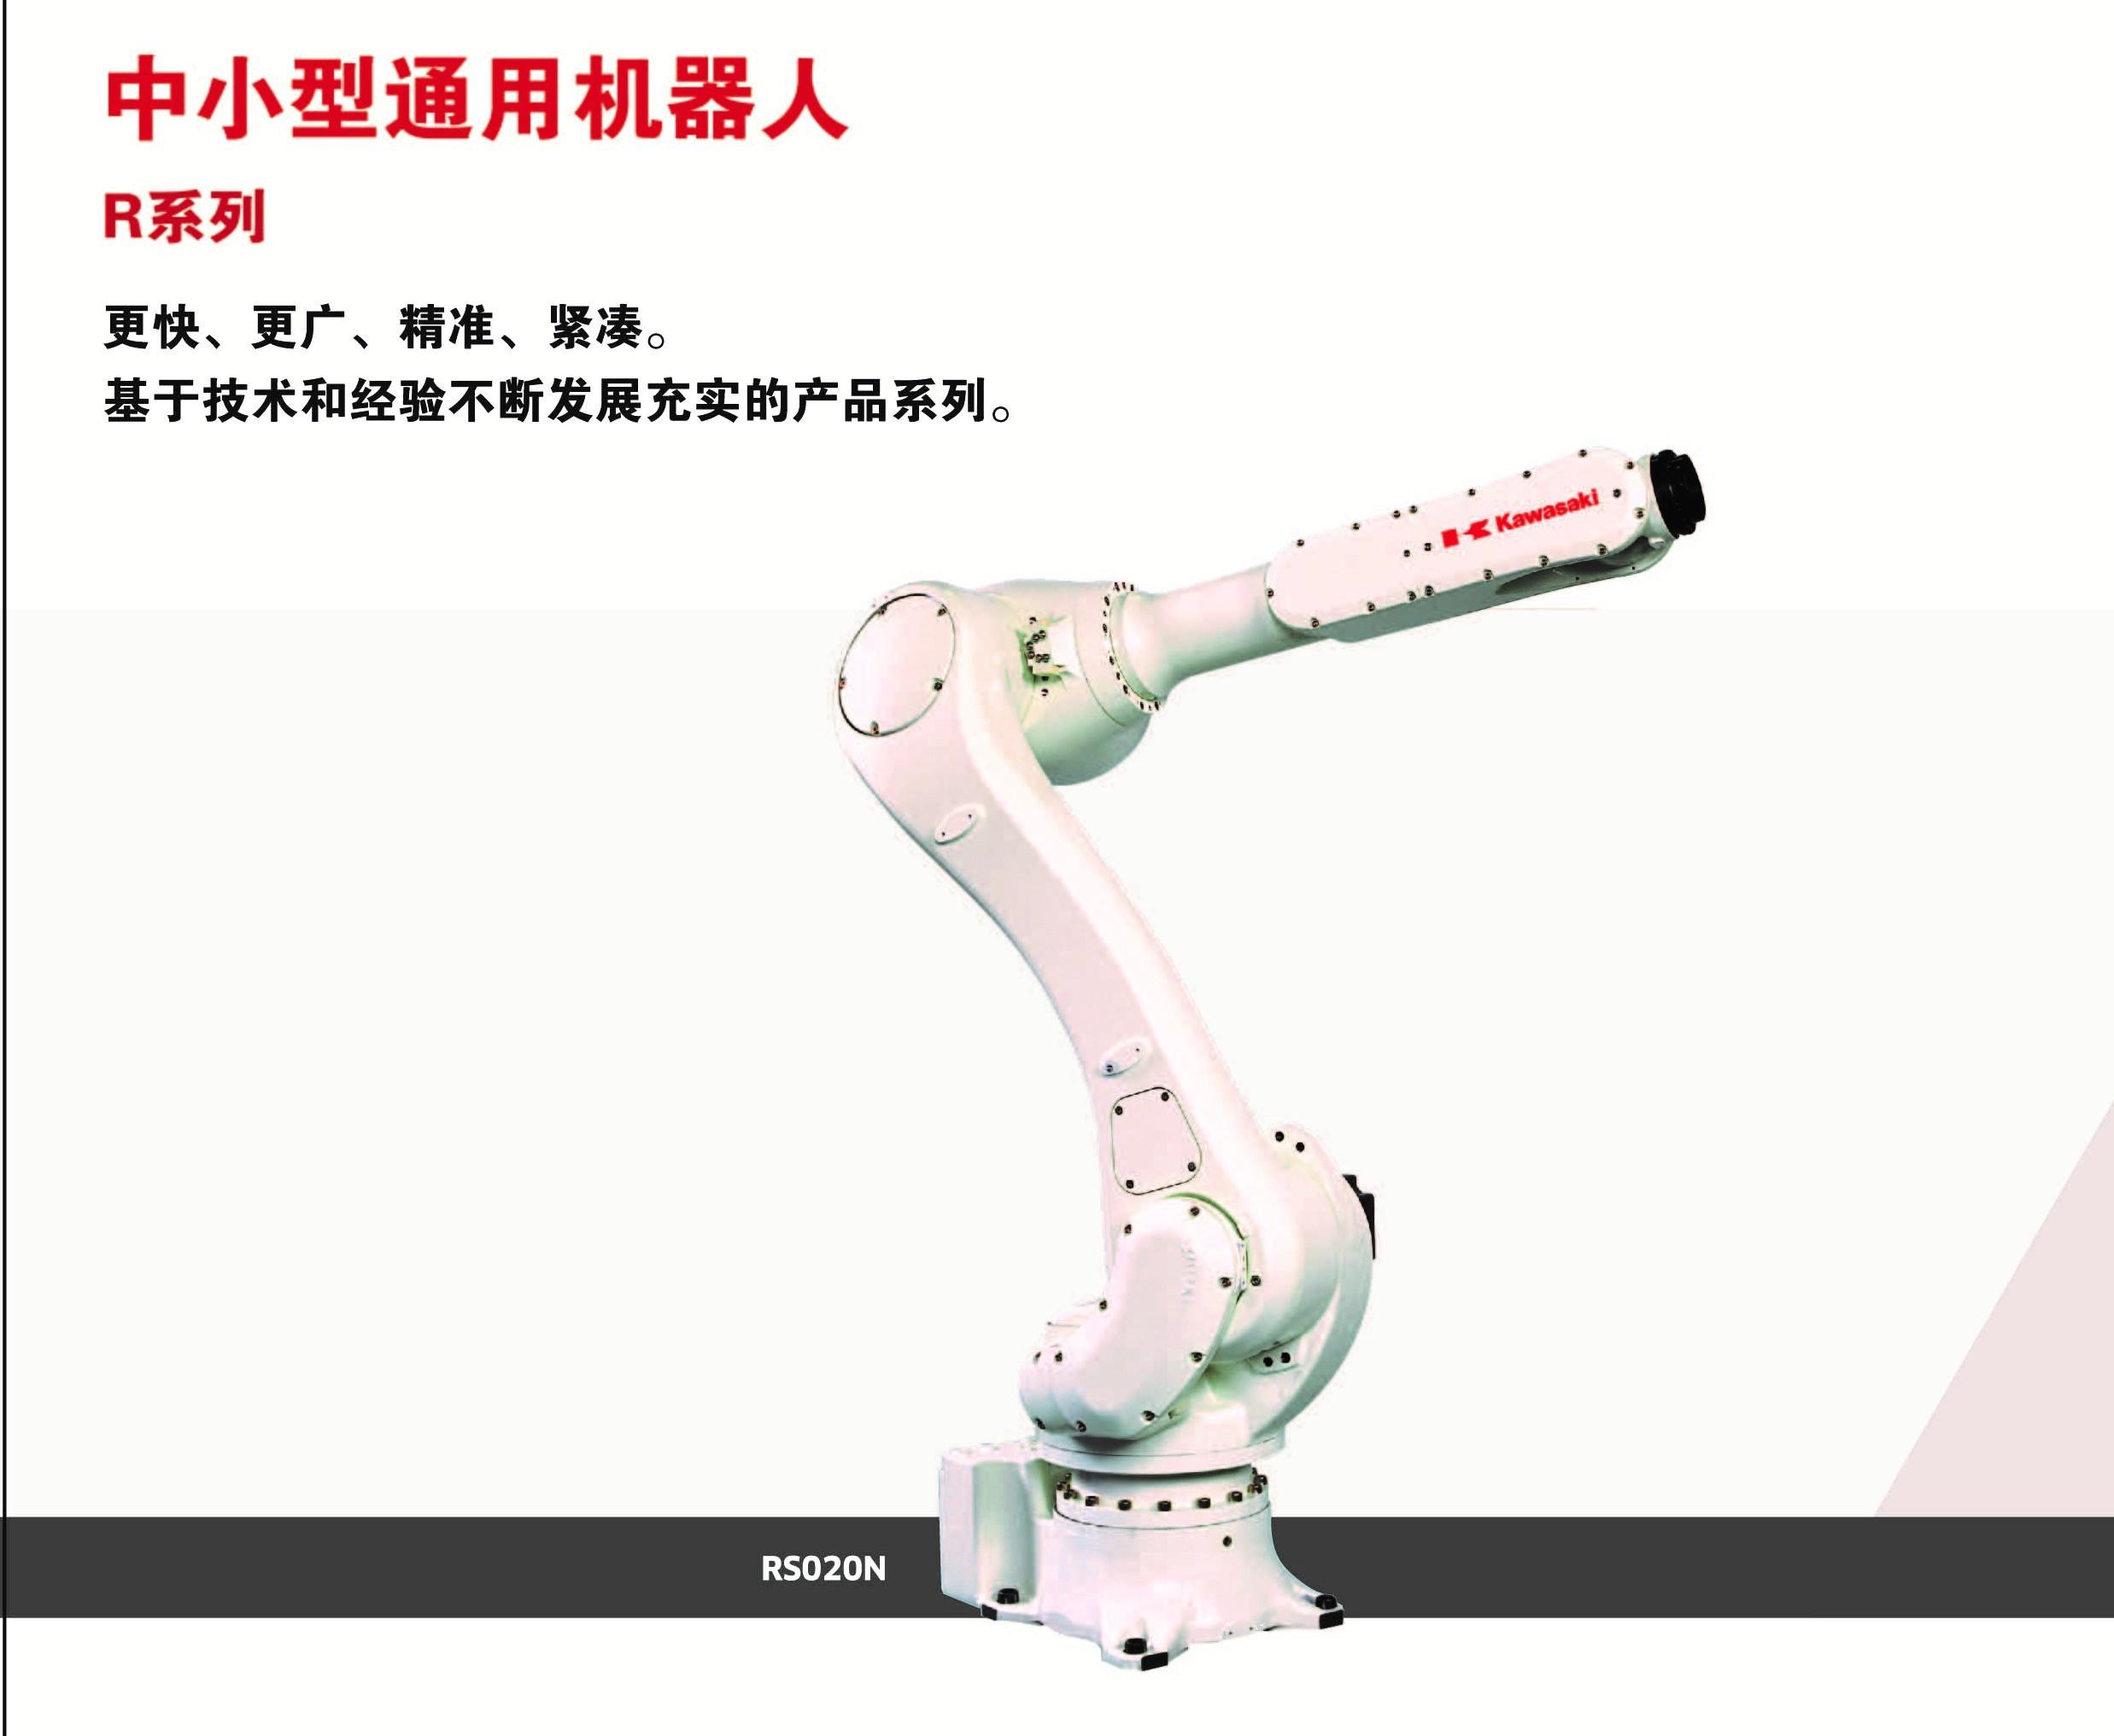 6轴关键机器人